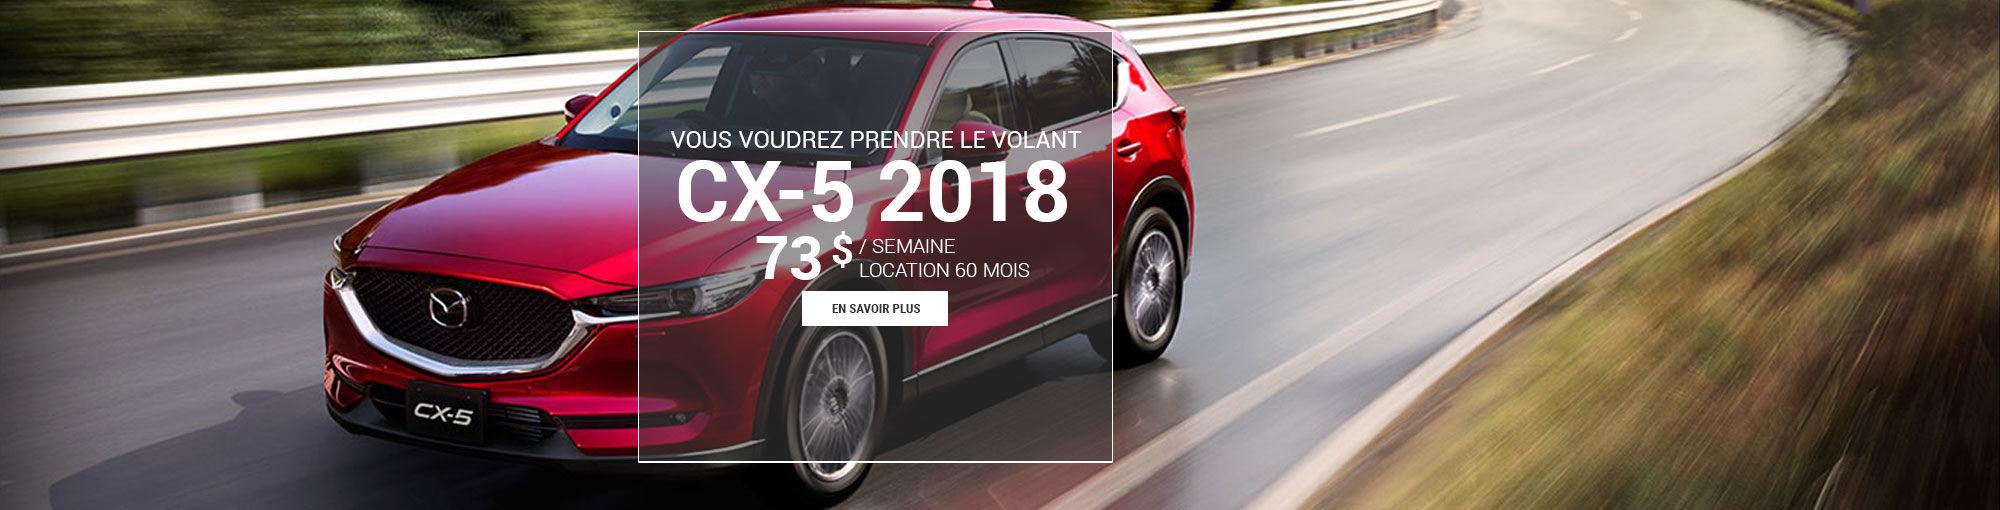 CX5 2018 - mars